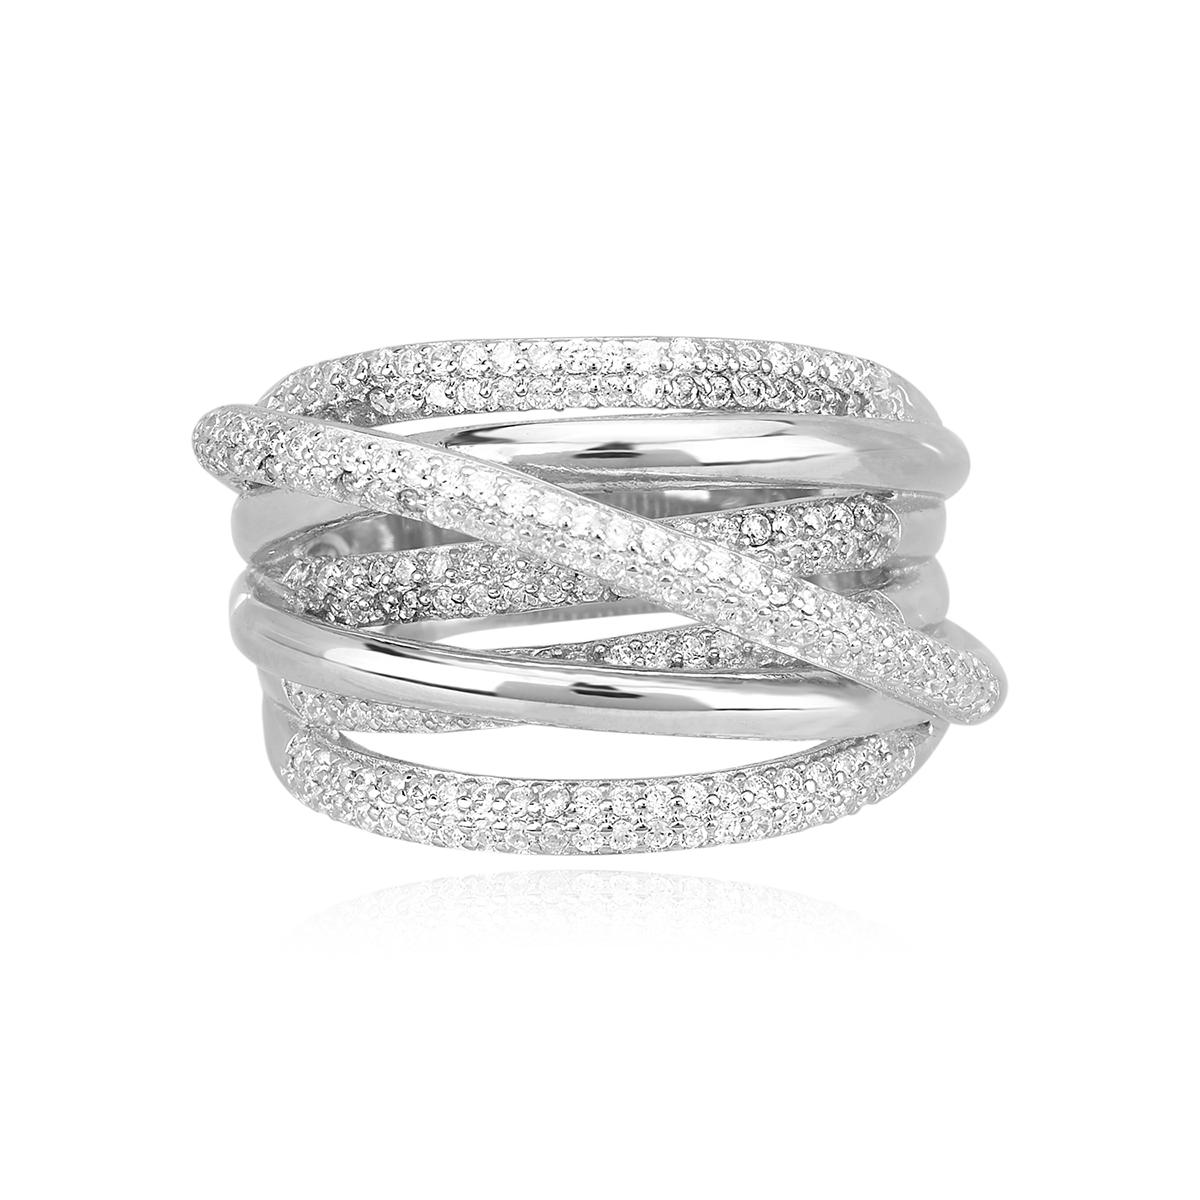 Anello Mabina in argento con zirconi misura 19